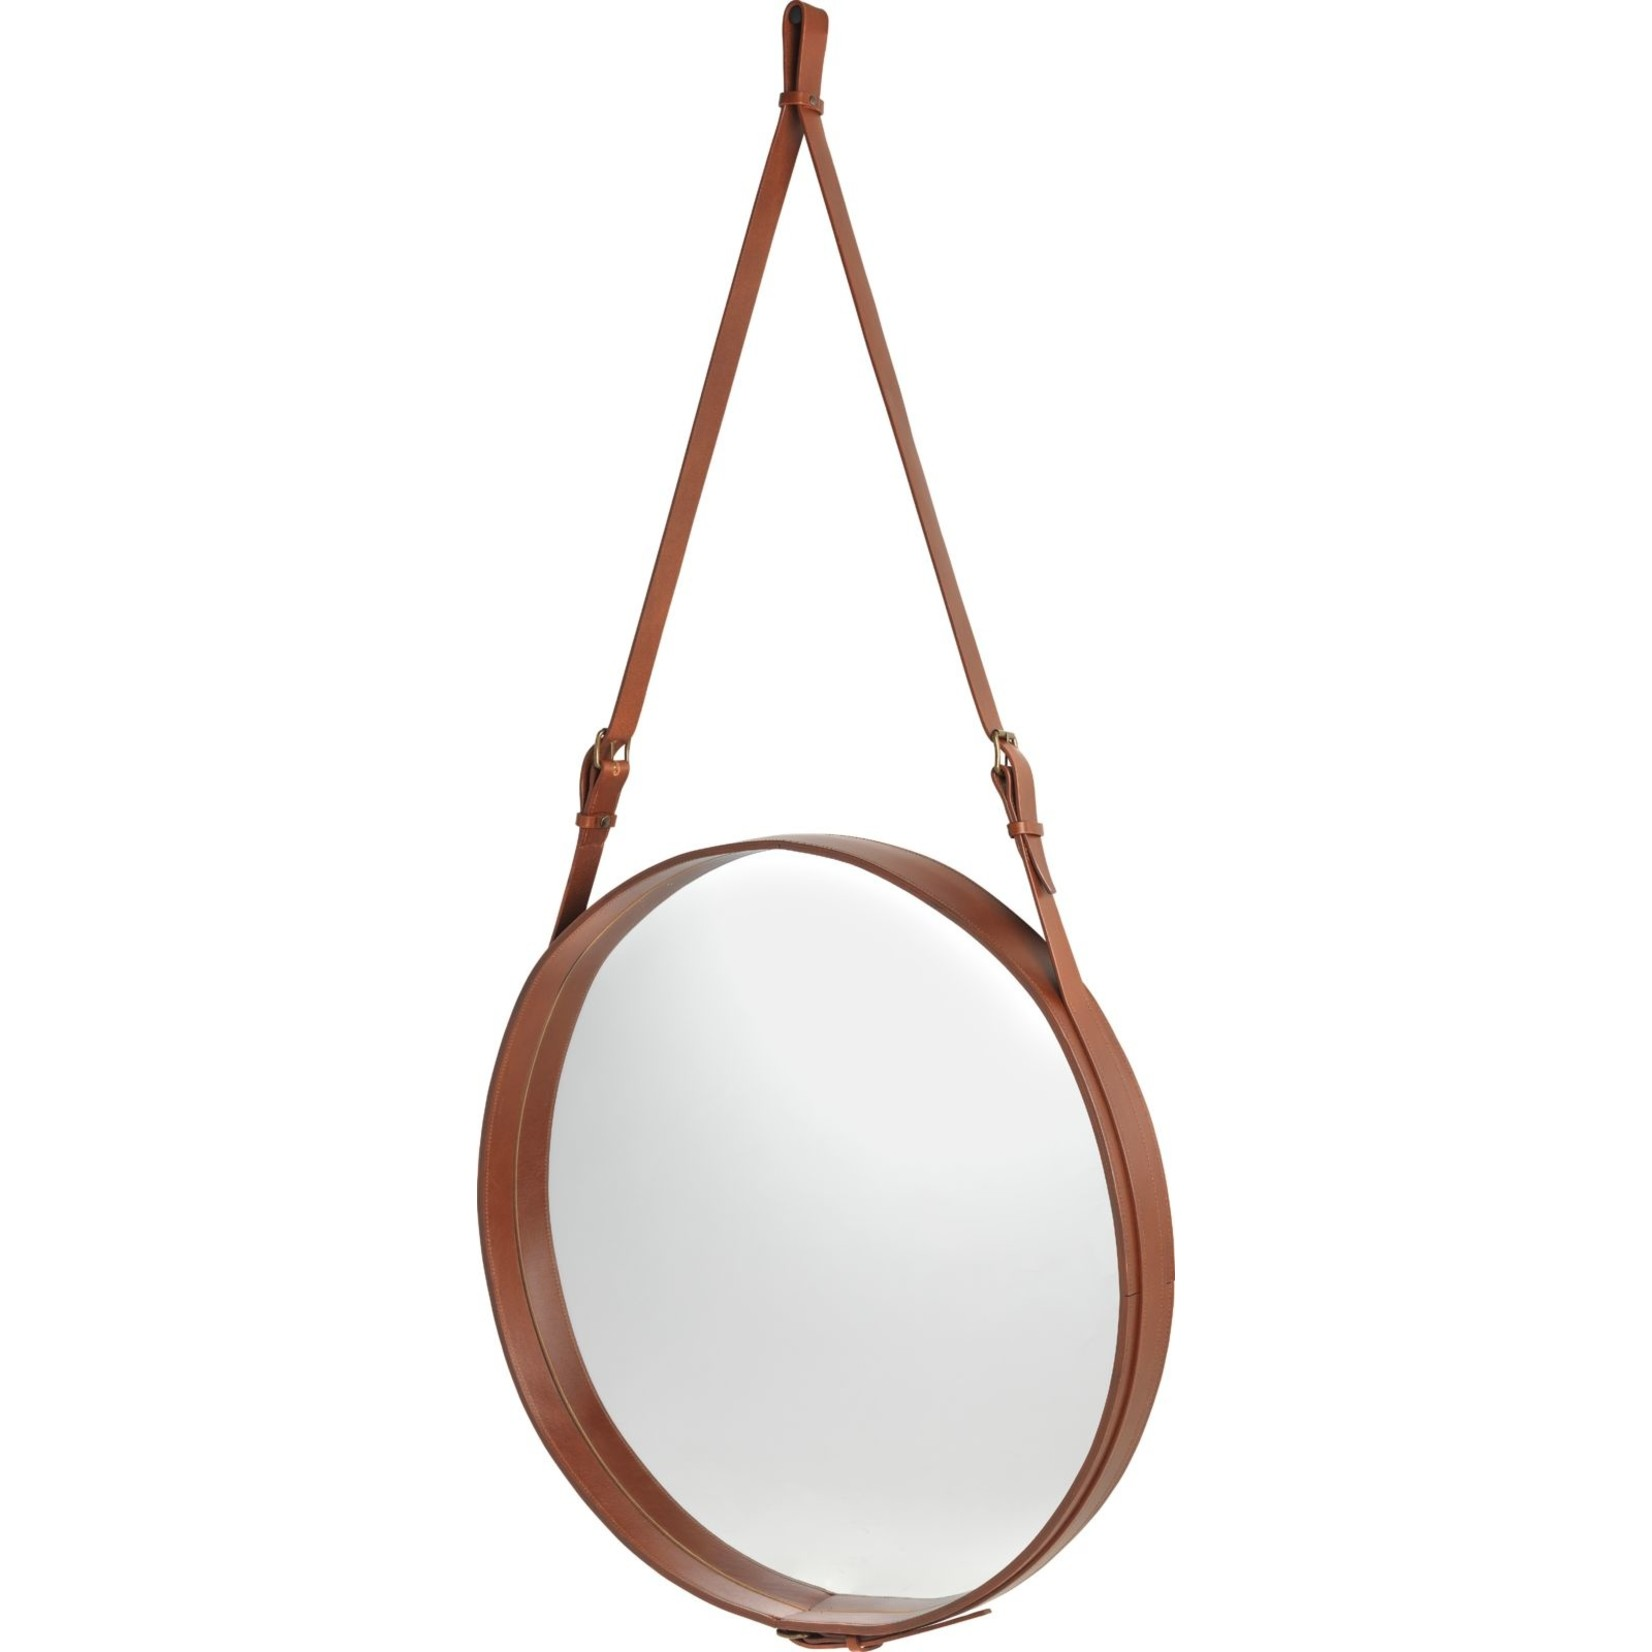 Gubi Wandspiegel Adnet - Rond - Ø70 - Tan Leather